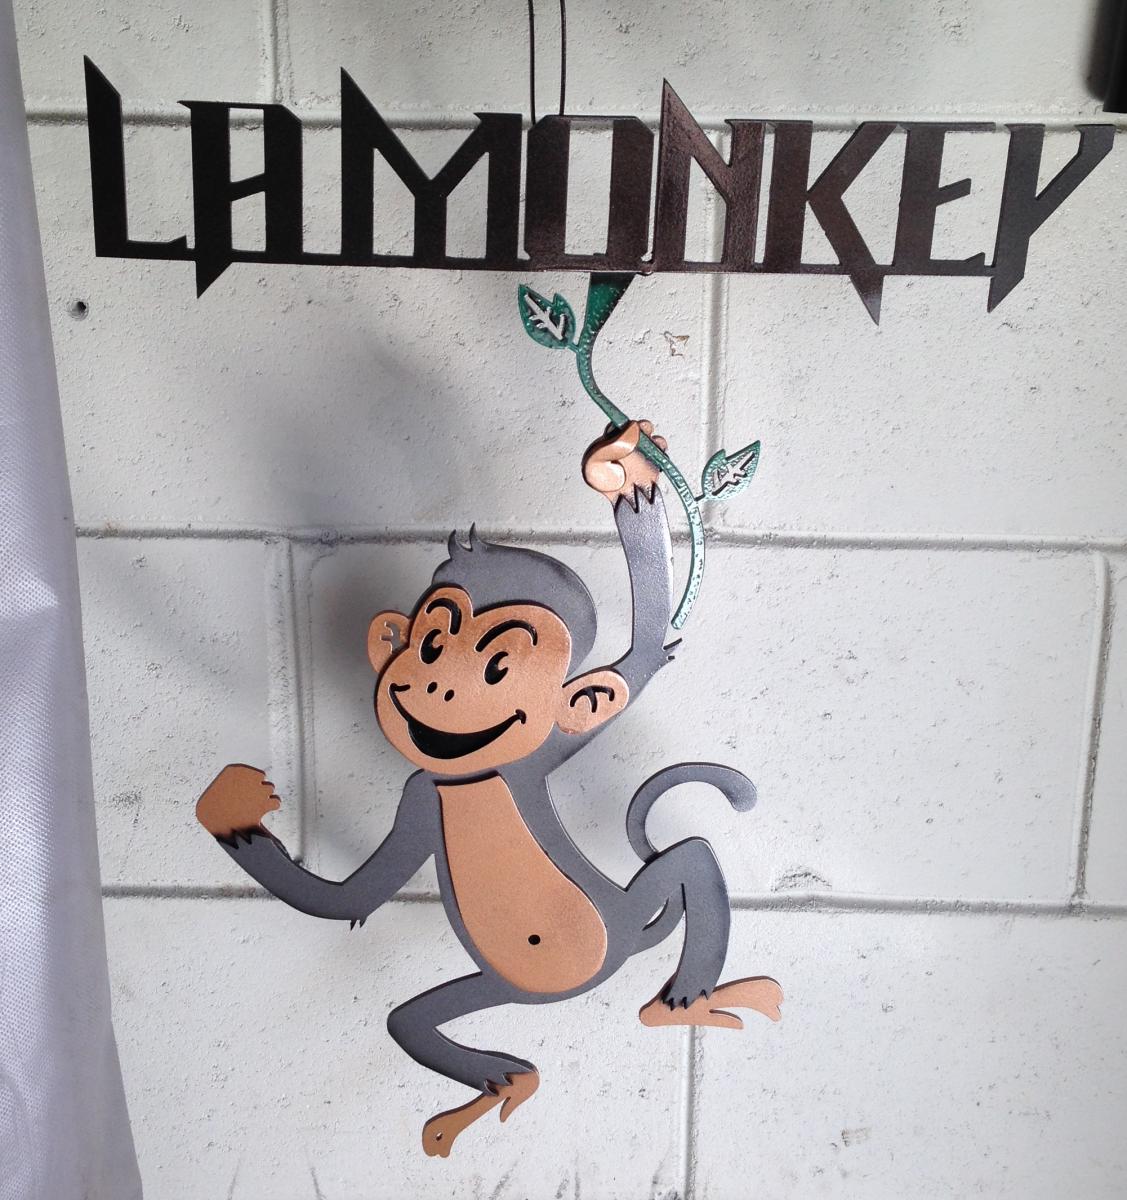 La Monkey